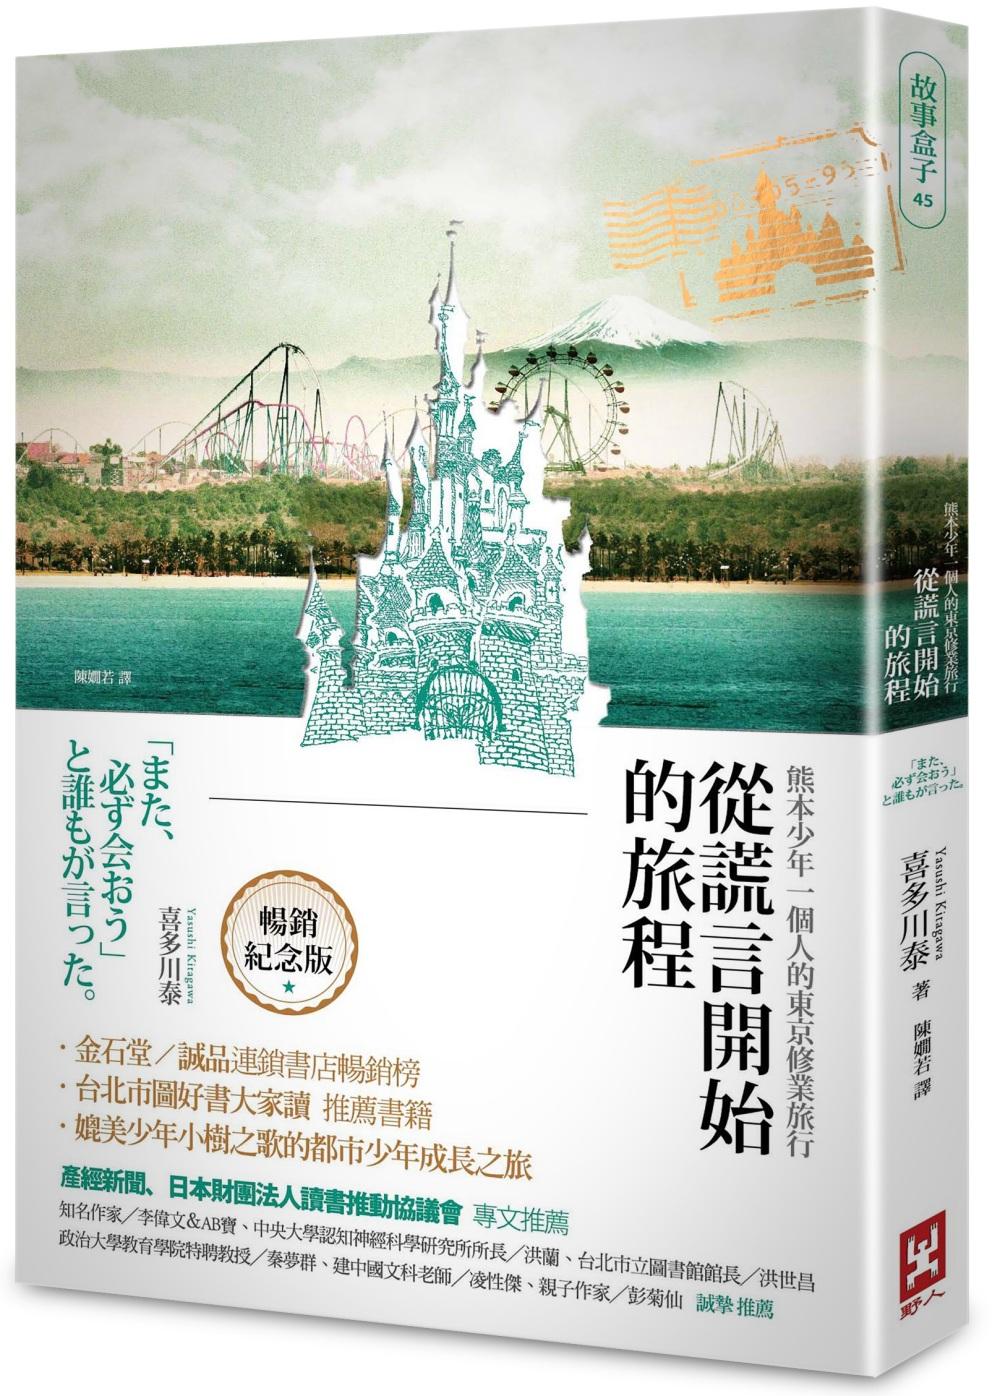 從謊言開始的旅程:熊本少年一個人的東京修業旅行(暢銷燙金紀念版)(二版)